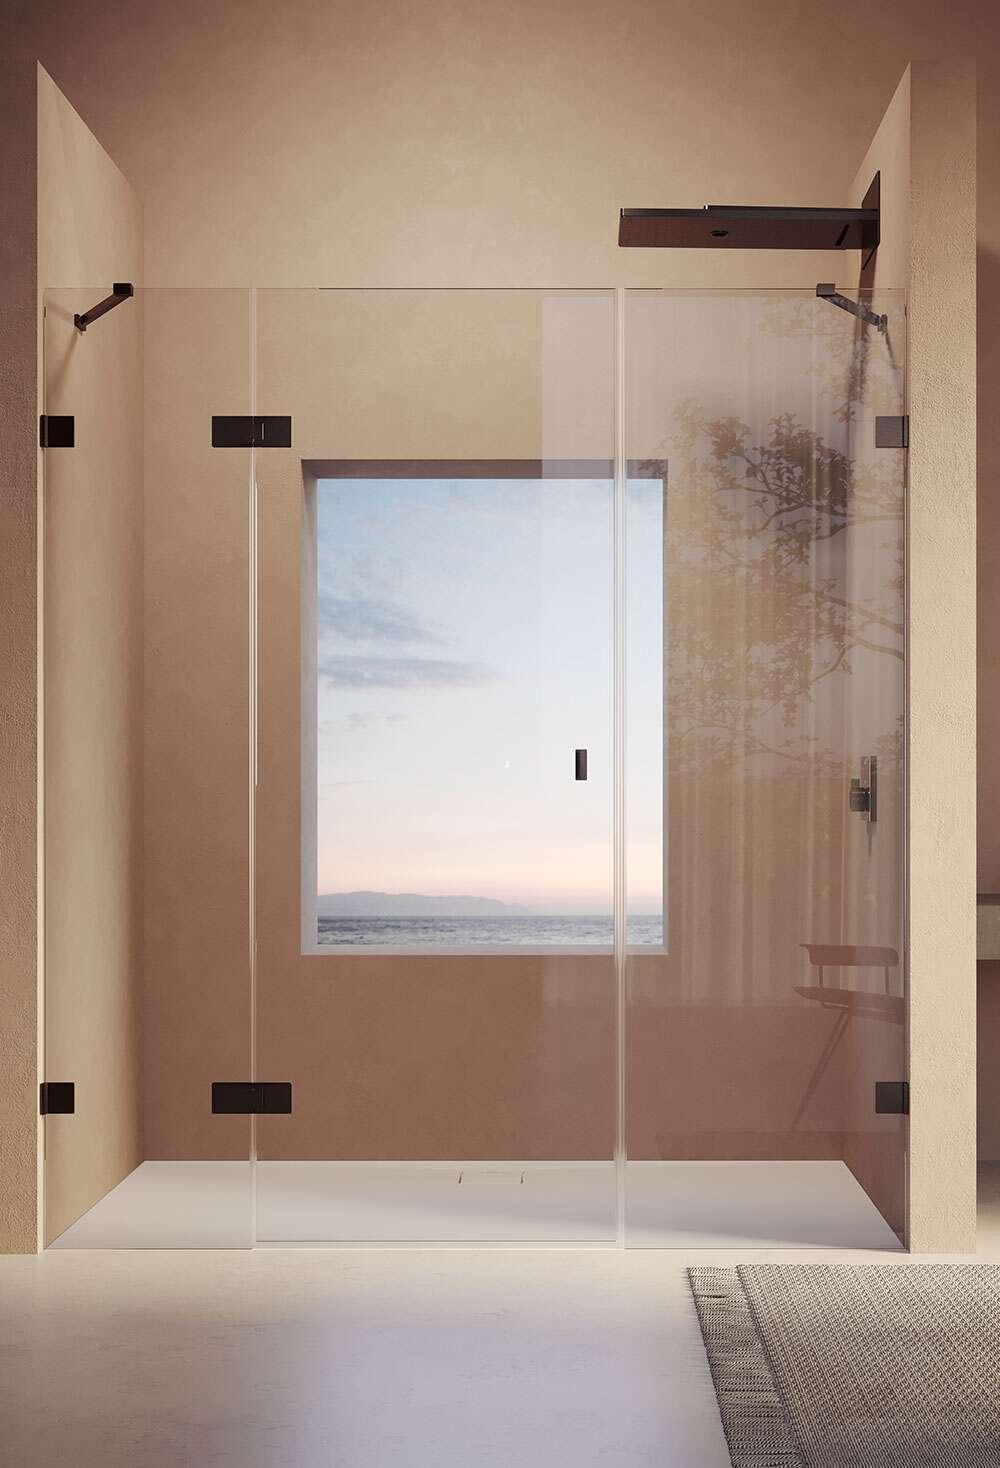 h ppe solva rahmenlos schwingt r mit segment u nebenteil in nische. Black Bedroom Furniture Sets. Home Design Ideas